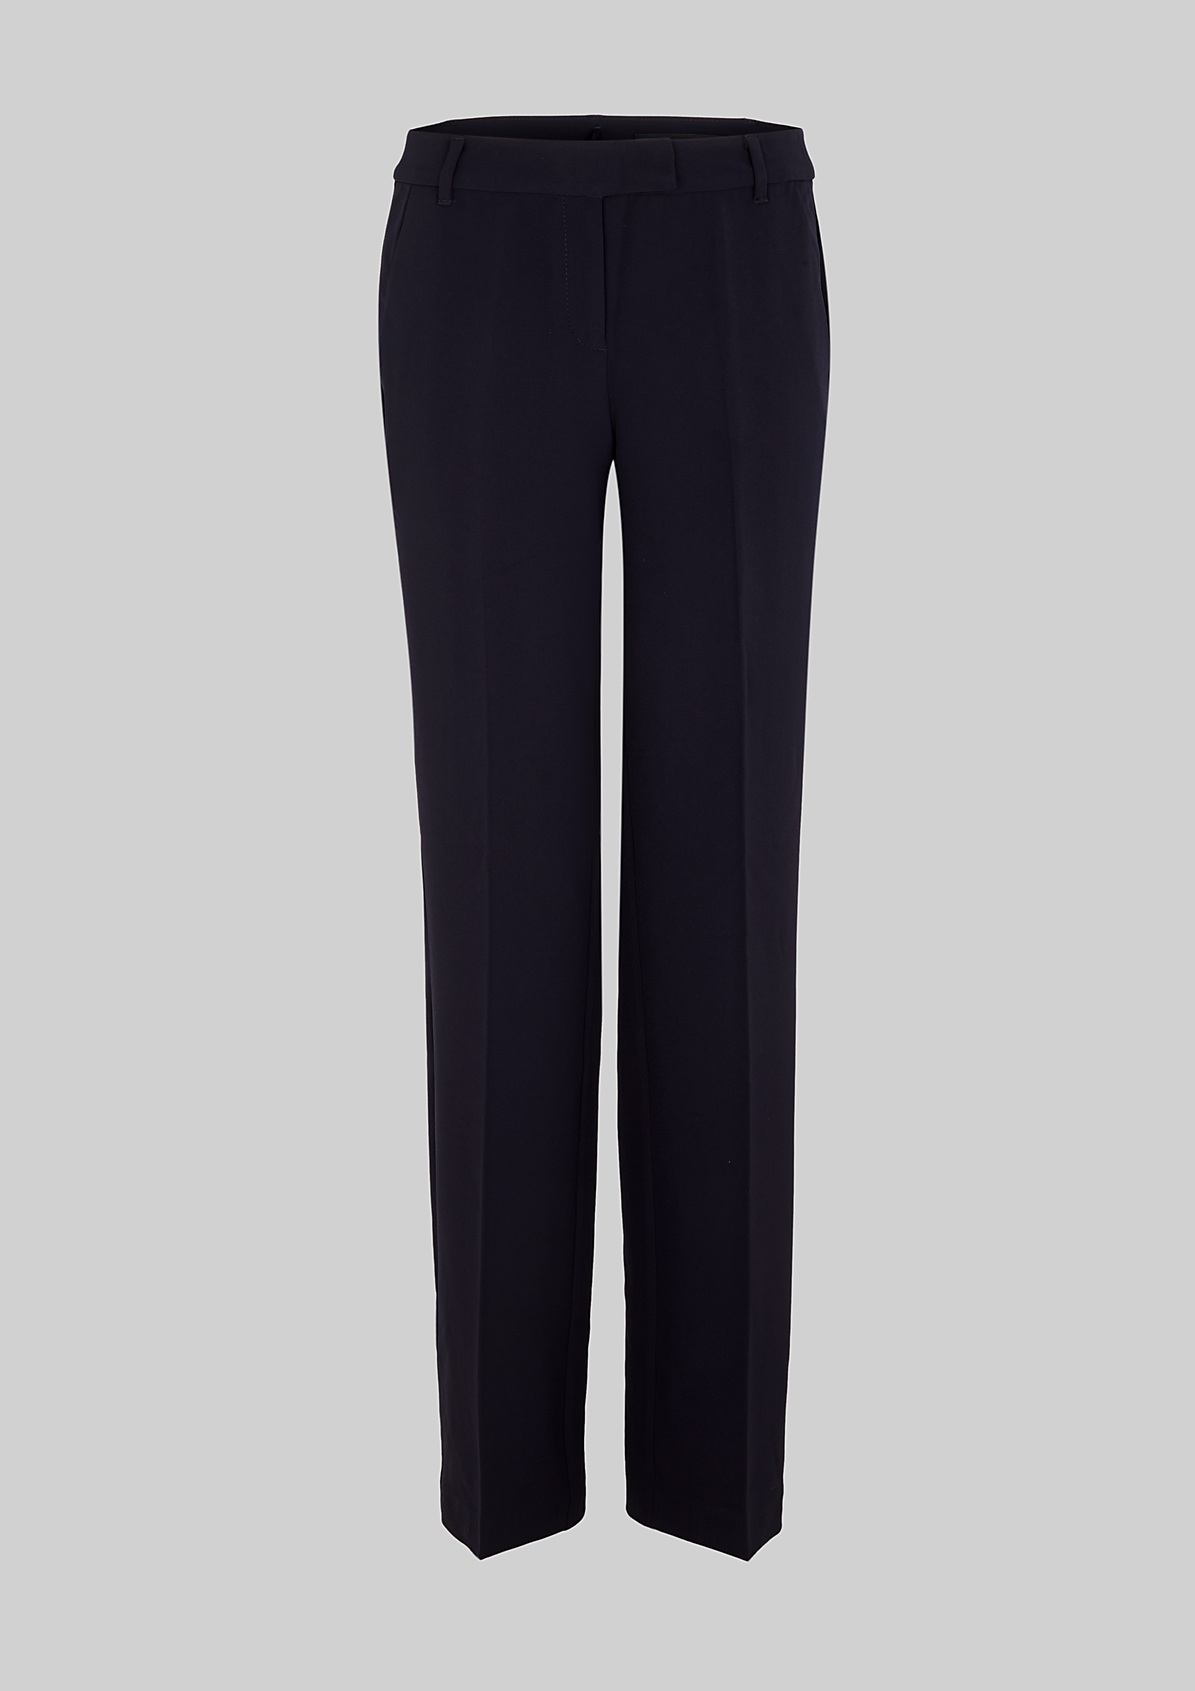 Elegante Businesspants mit feinen Designfeatures